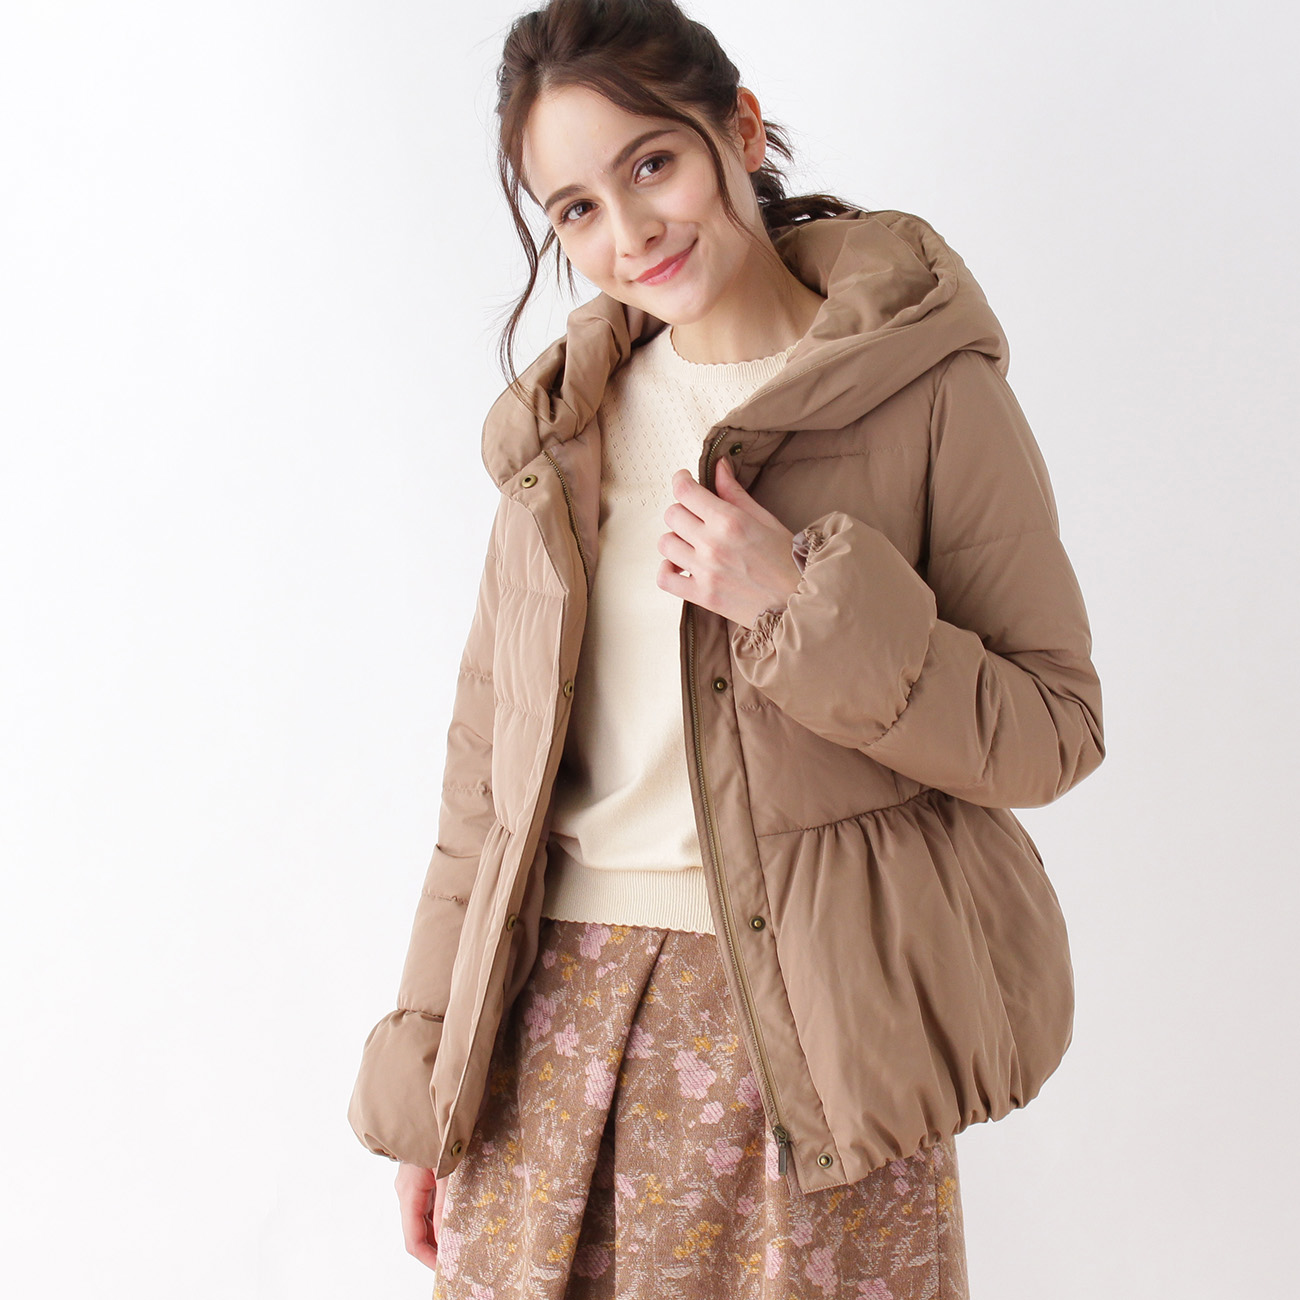 【Couture brooch (クチュールブローチ)】【WEB限定サイズ(S)】ギャザーショートダウンコートレディース コート|ダウン・中綿コート ベージュ系